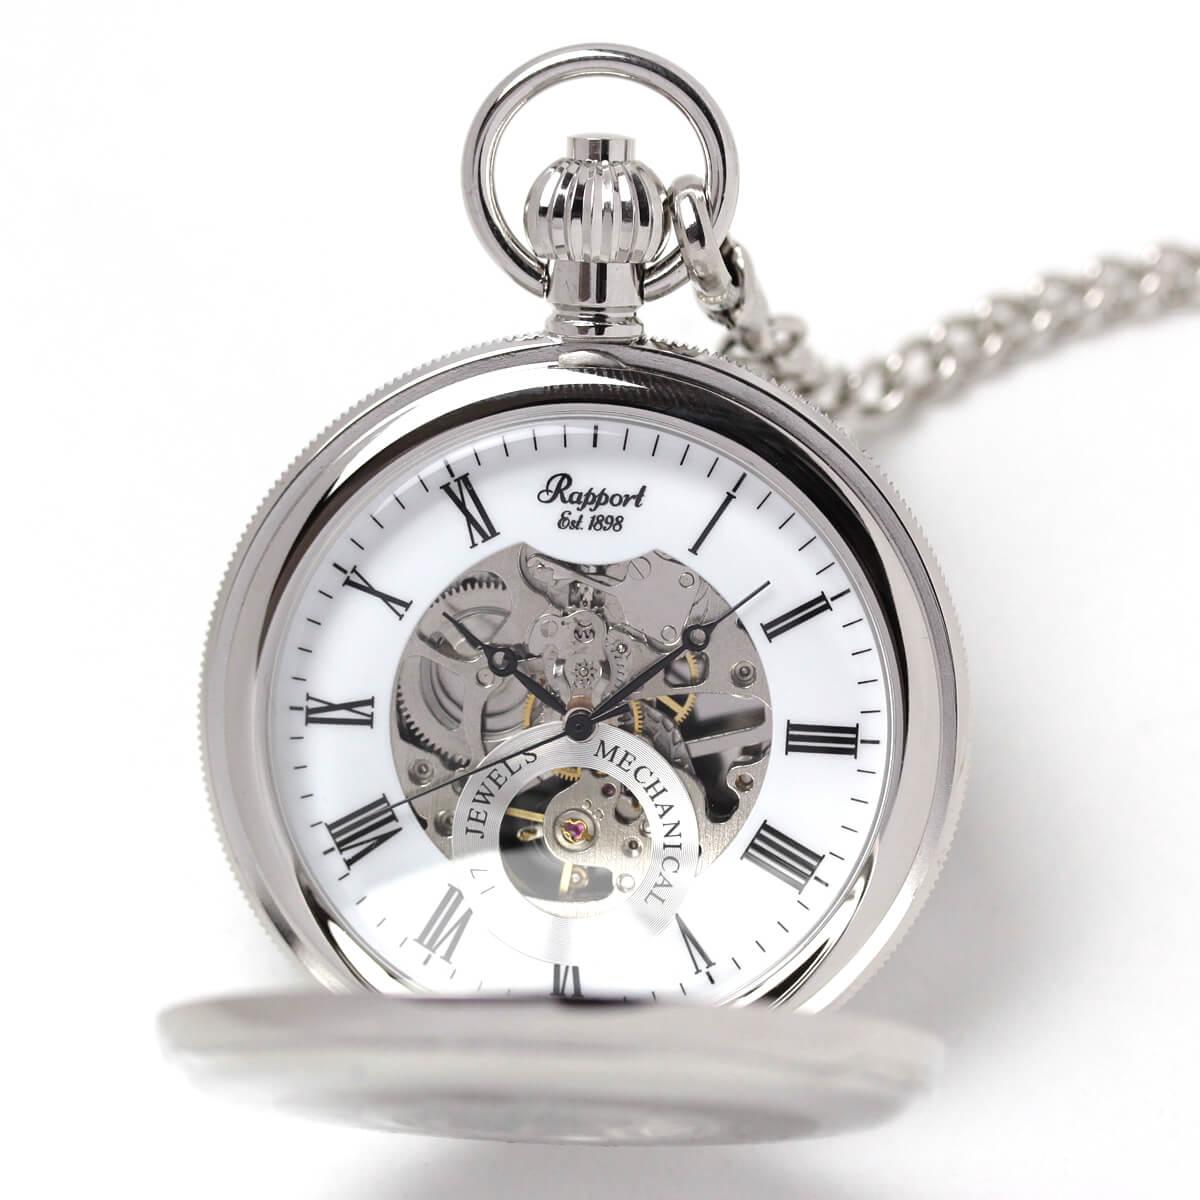 イギリスブランド rapport(ラポート) 懐中時計 pw49 シルバーカラーの両蓋開きスケルトンモデル